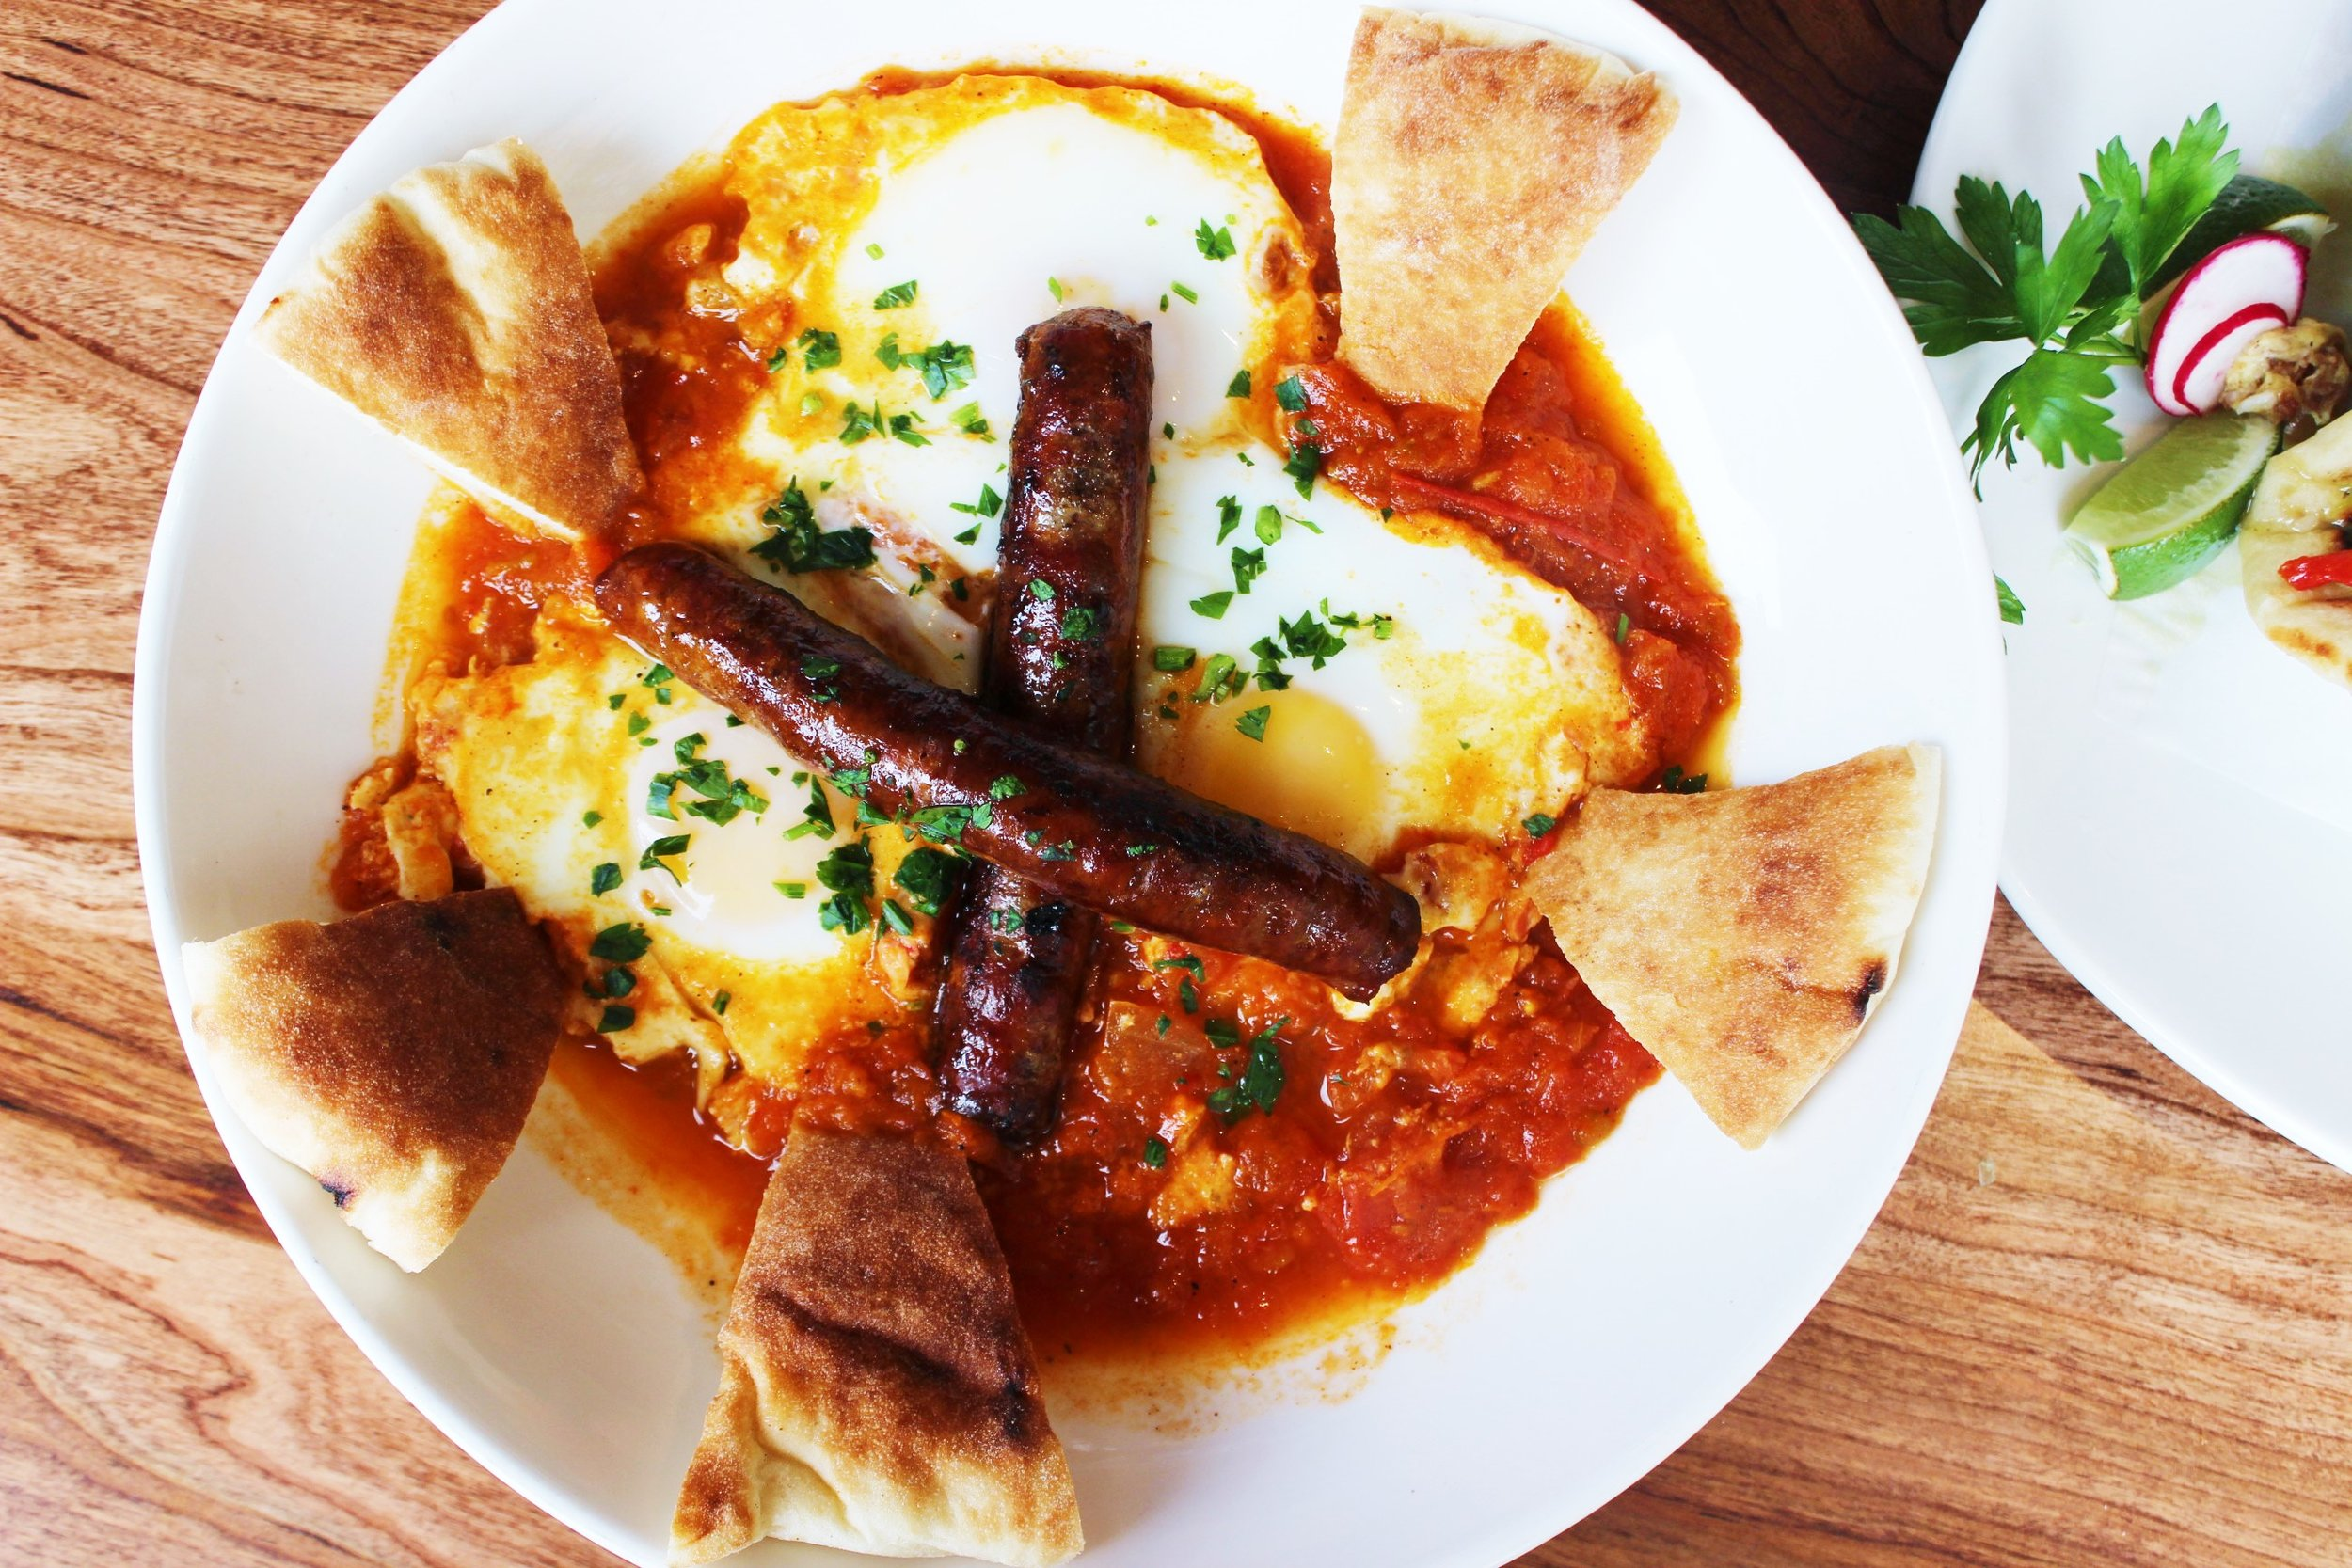 Shakshuka Moroccan Breakfast at Mémé Mediterranean